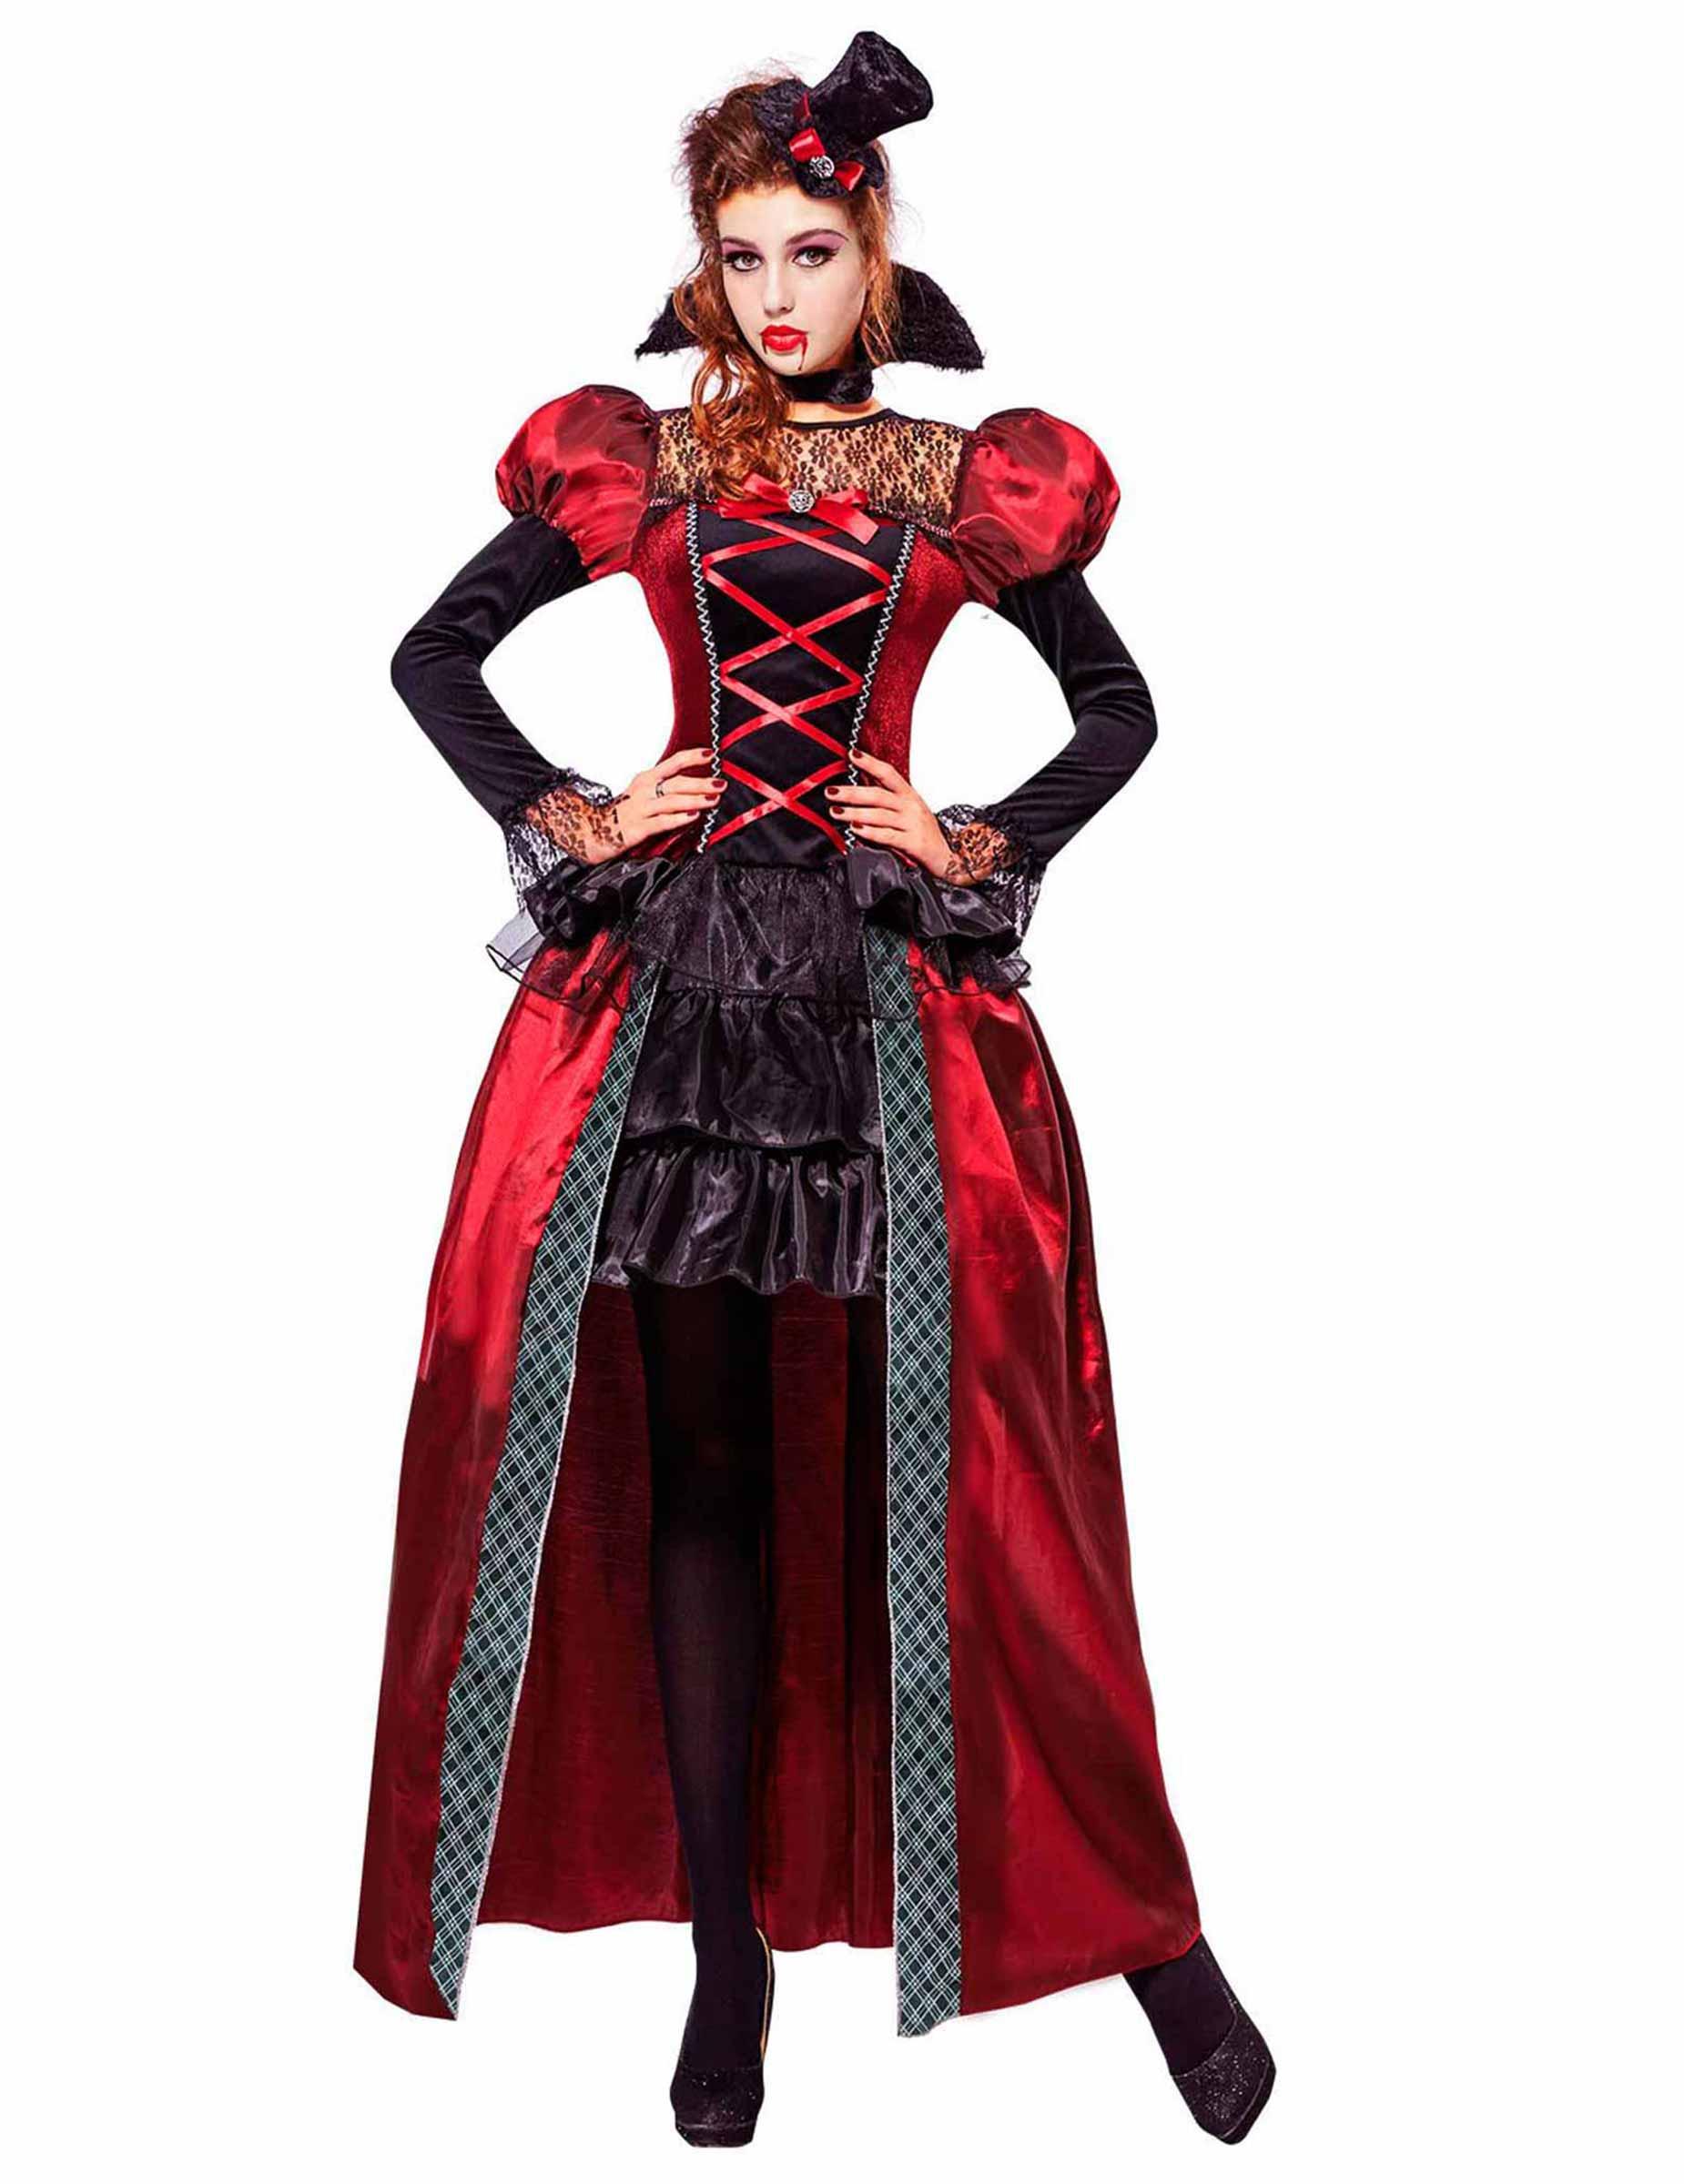 231100a67180 Viktoriansk vampyrdräkt för vuxna - Halloween Maskeraddräkt, köp ...